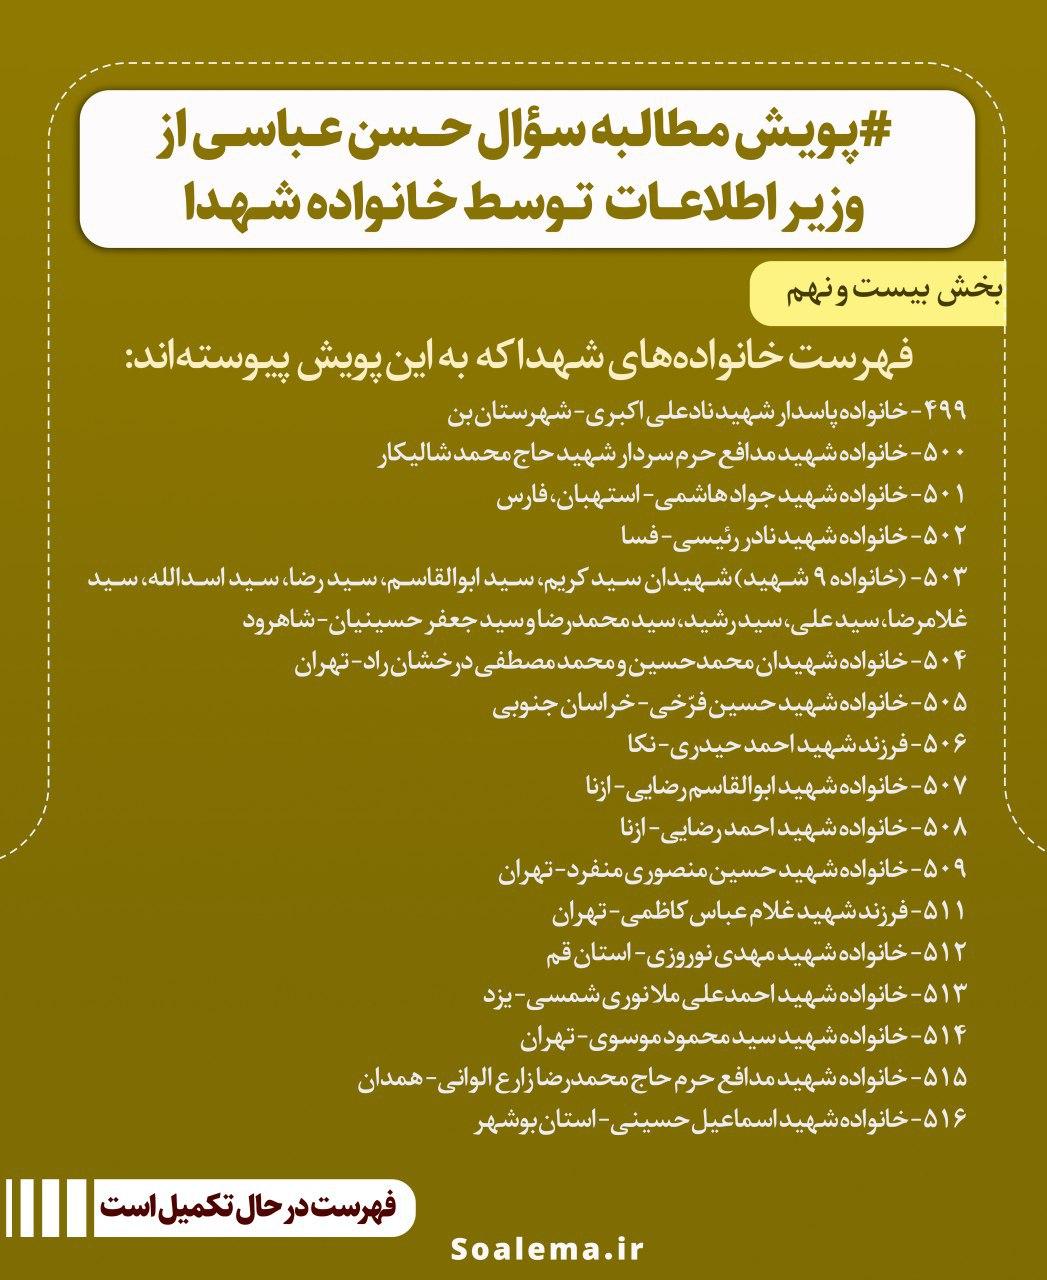 http://dl-abbasi.ir/yekta/1398/Graphic/Shohada/29.jpg